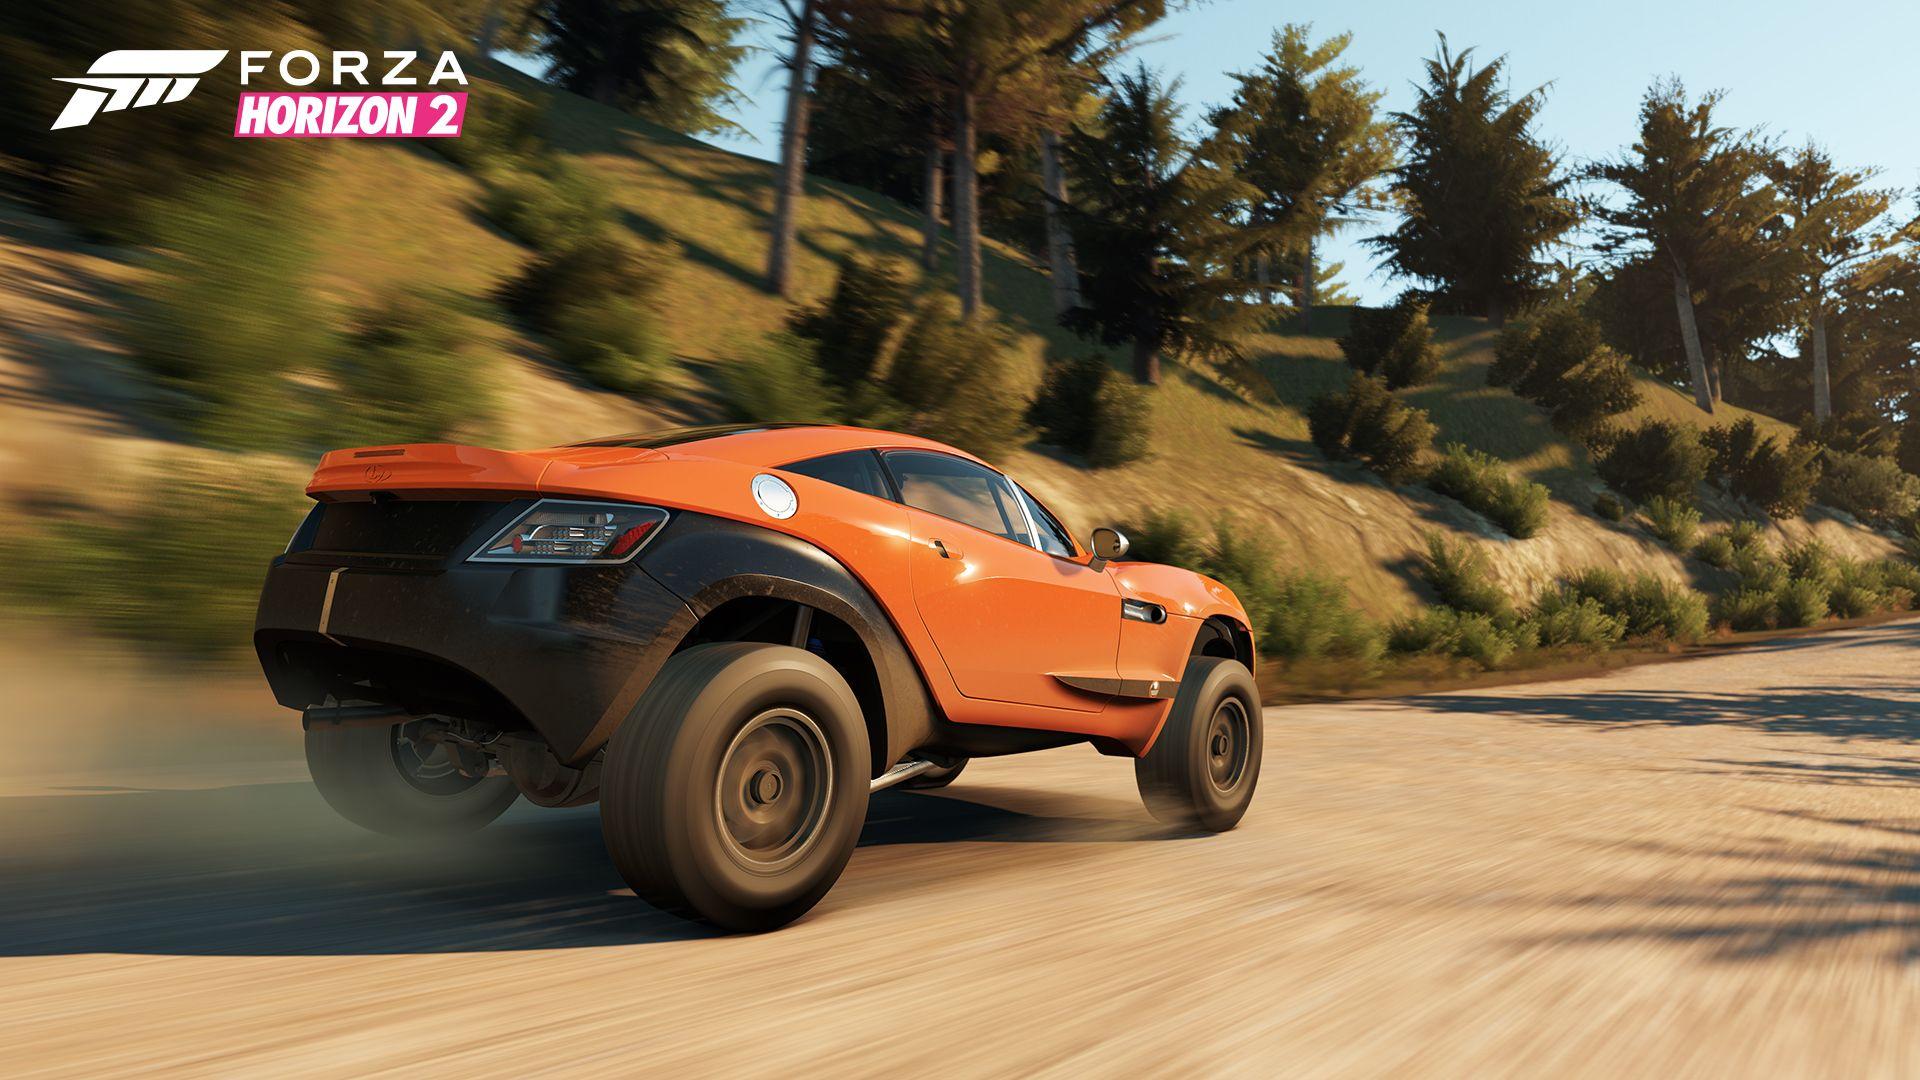 Forza horizon 2 xbox one xbox 360 microsoft studios playground games